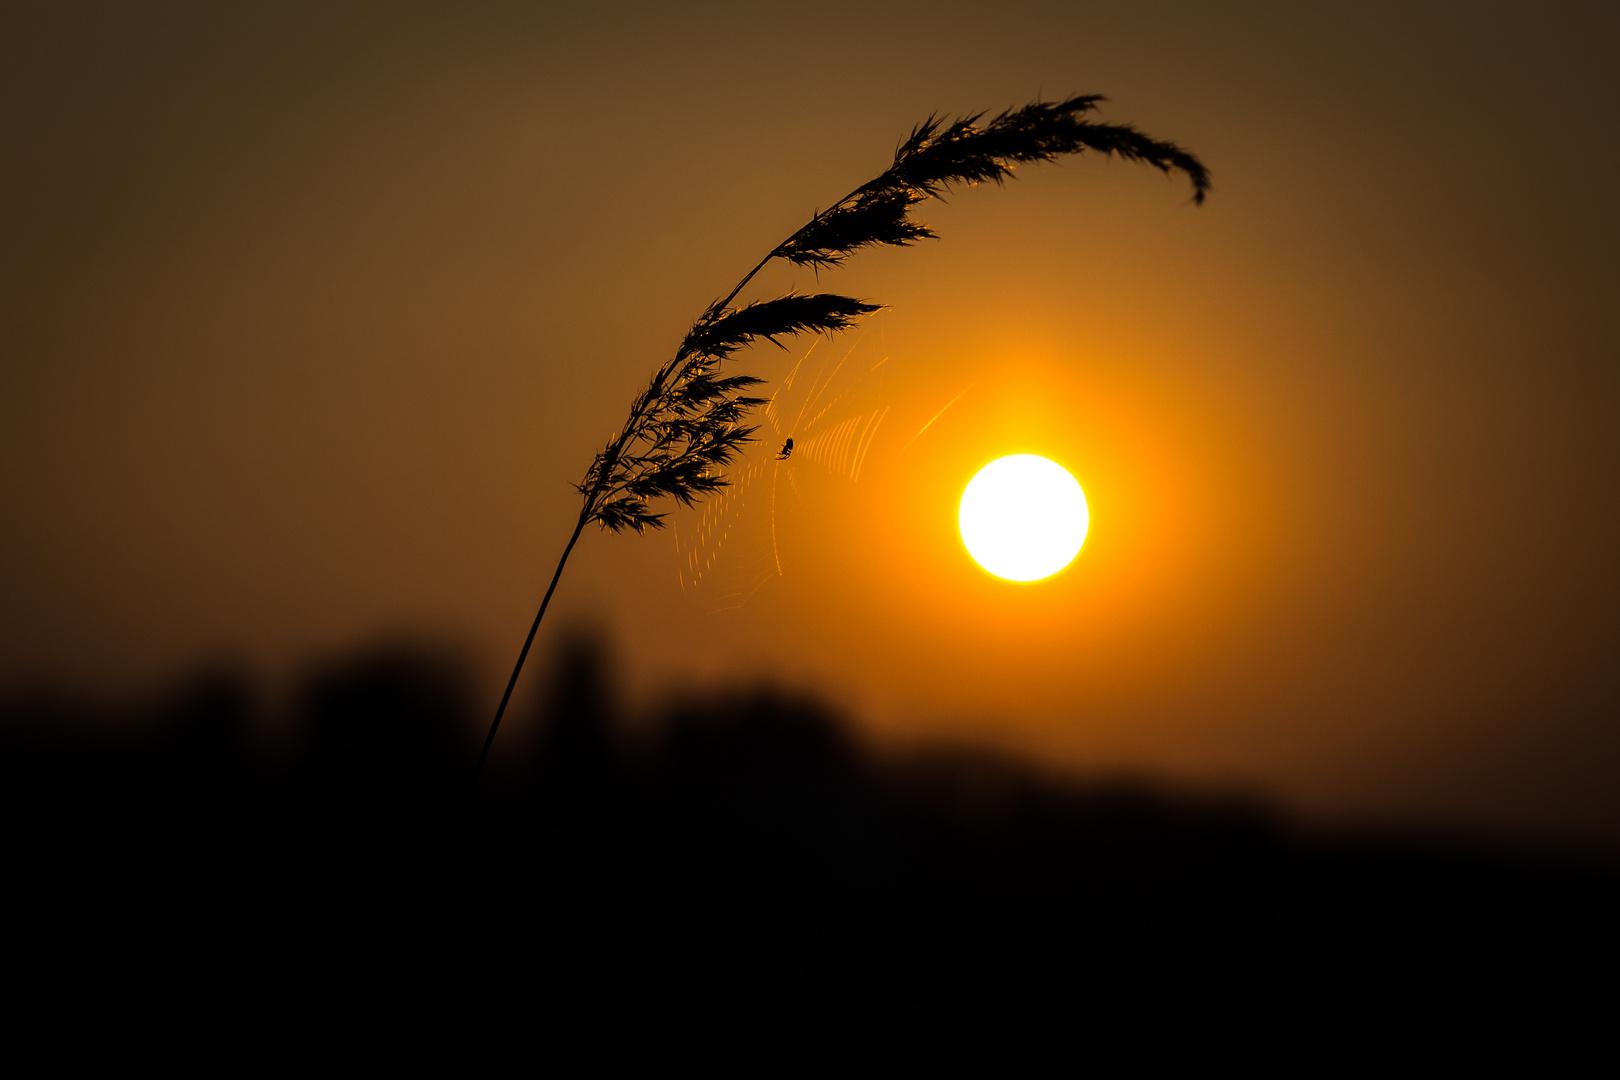 Eine Spinne genießt den Sonnenuntergang